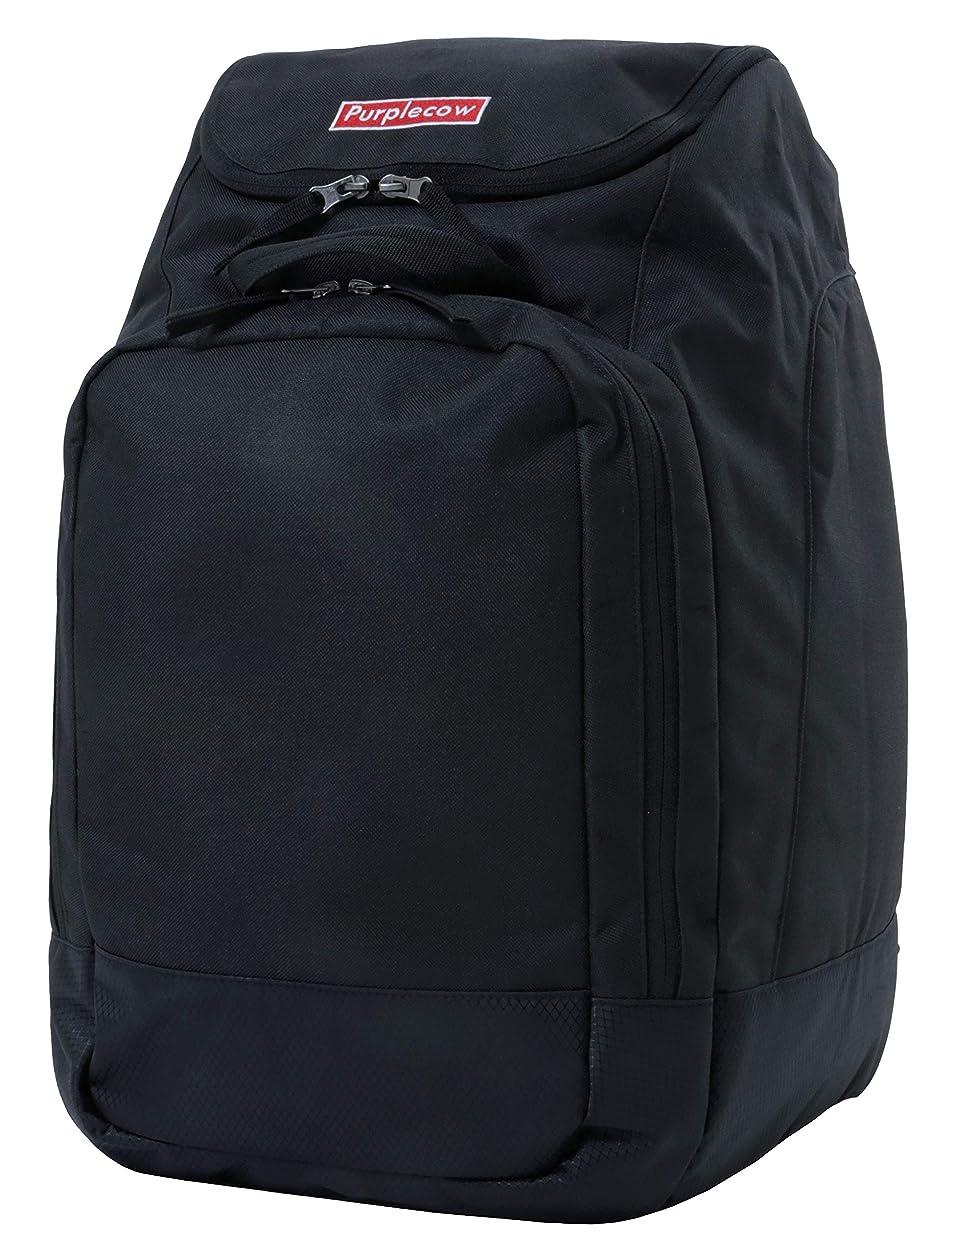 チャーミングナチュラ毛布VAXPOT(バックスポット) ボードケース キャスター付 4WAYタイプ 大容量収納 前面4ポケット【スノーボード ウェア、板、ブーツ、アクセサリーなど収納可】 VA-3212